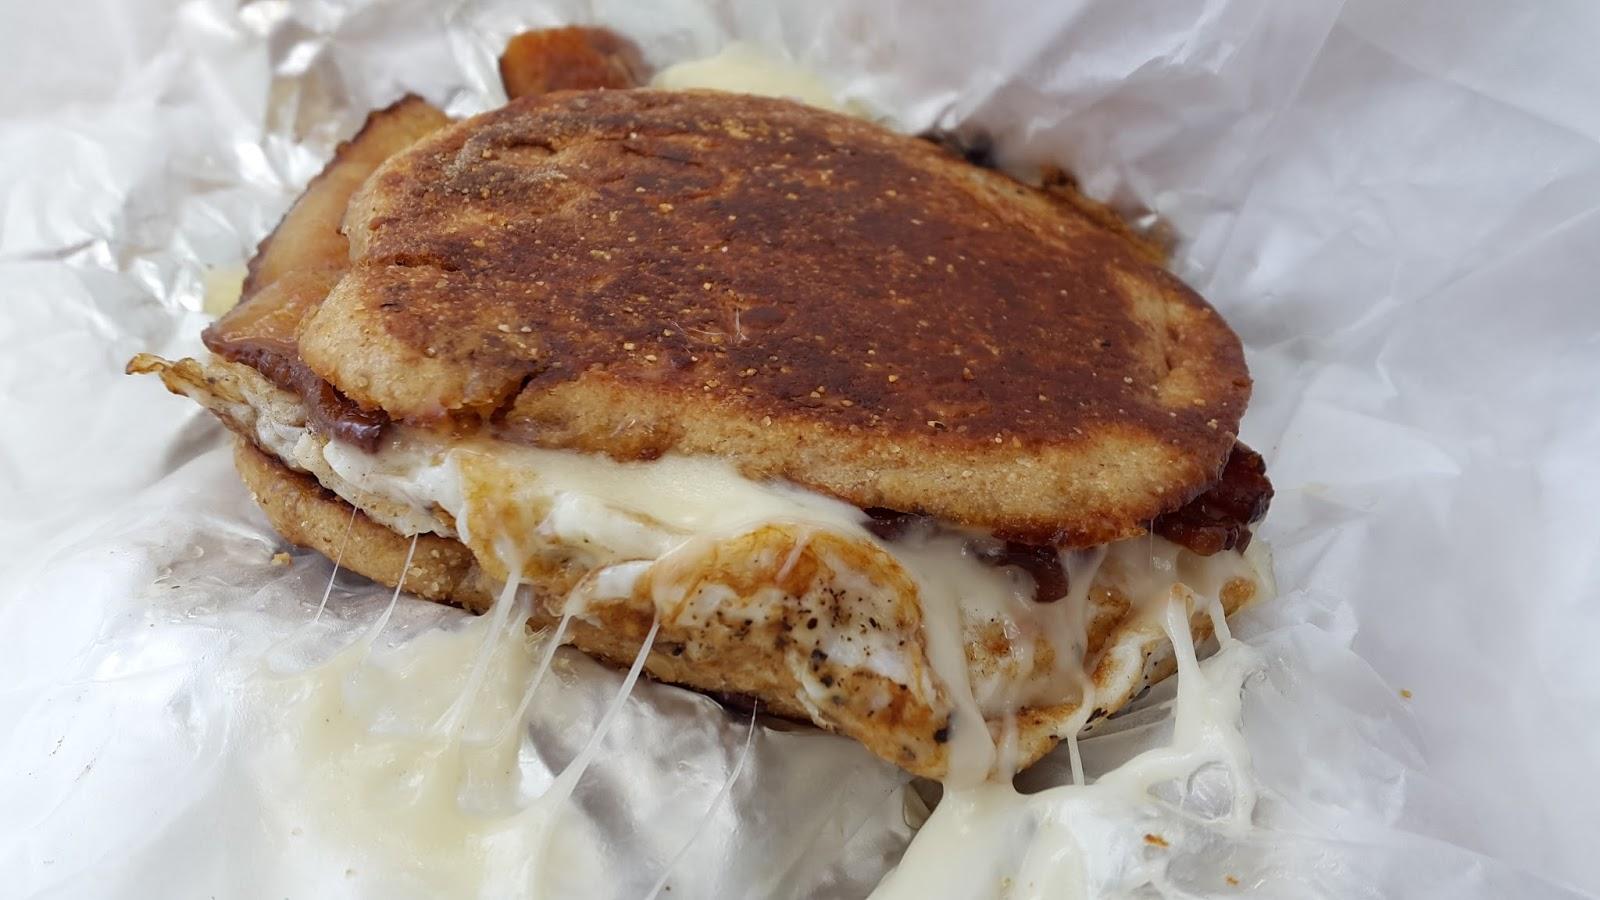 Brunch, 10:30am: Breakfast Melt, Murray's Cheese Emporium